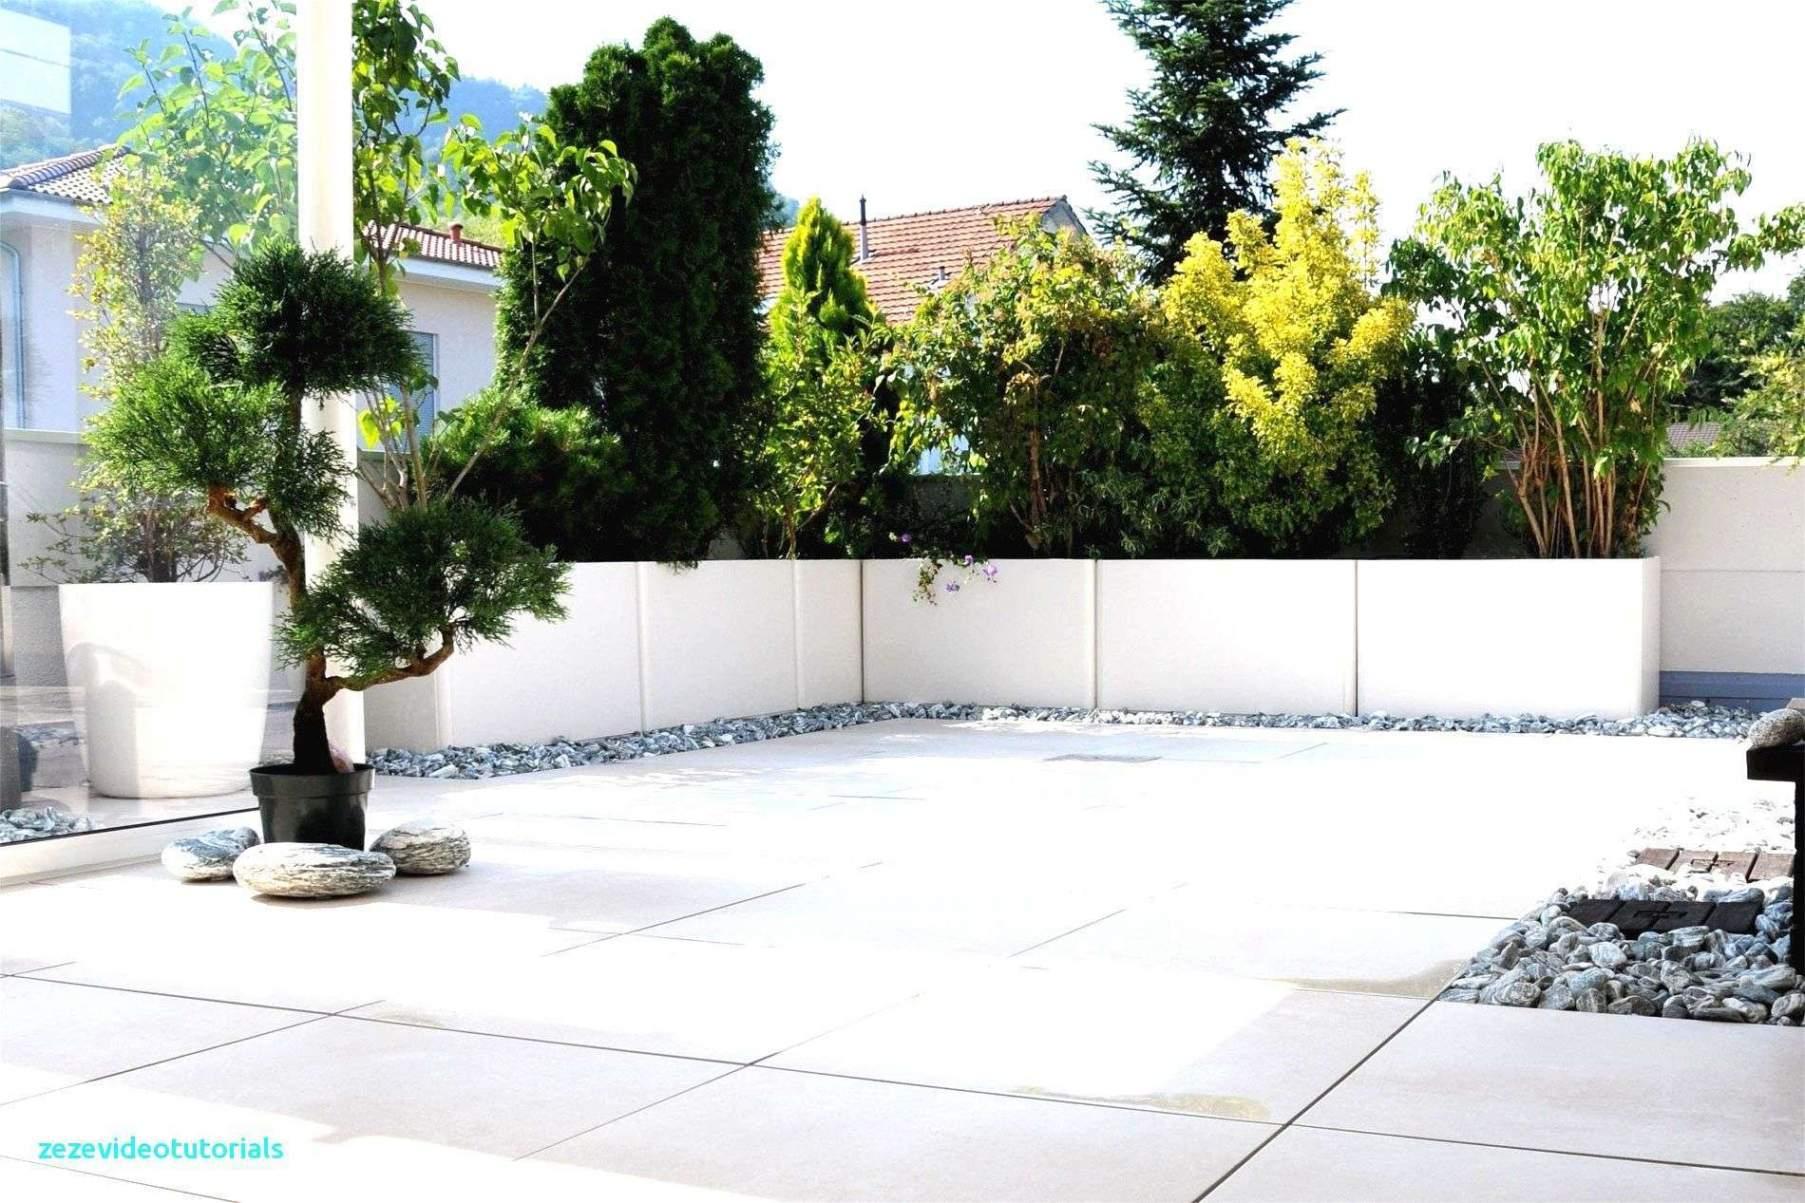 Thomas Philipps Onlineshop De Haus Und Garten Frisch 33 Neu Kleine Gärten Gestalten Reihenhaus Elegant